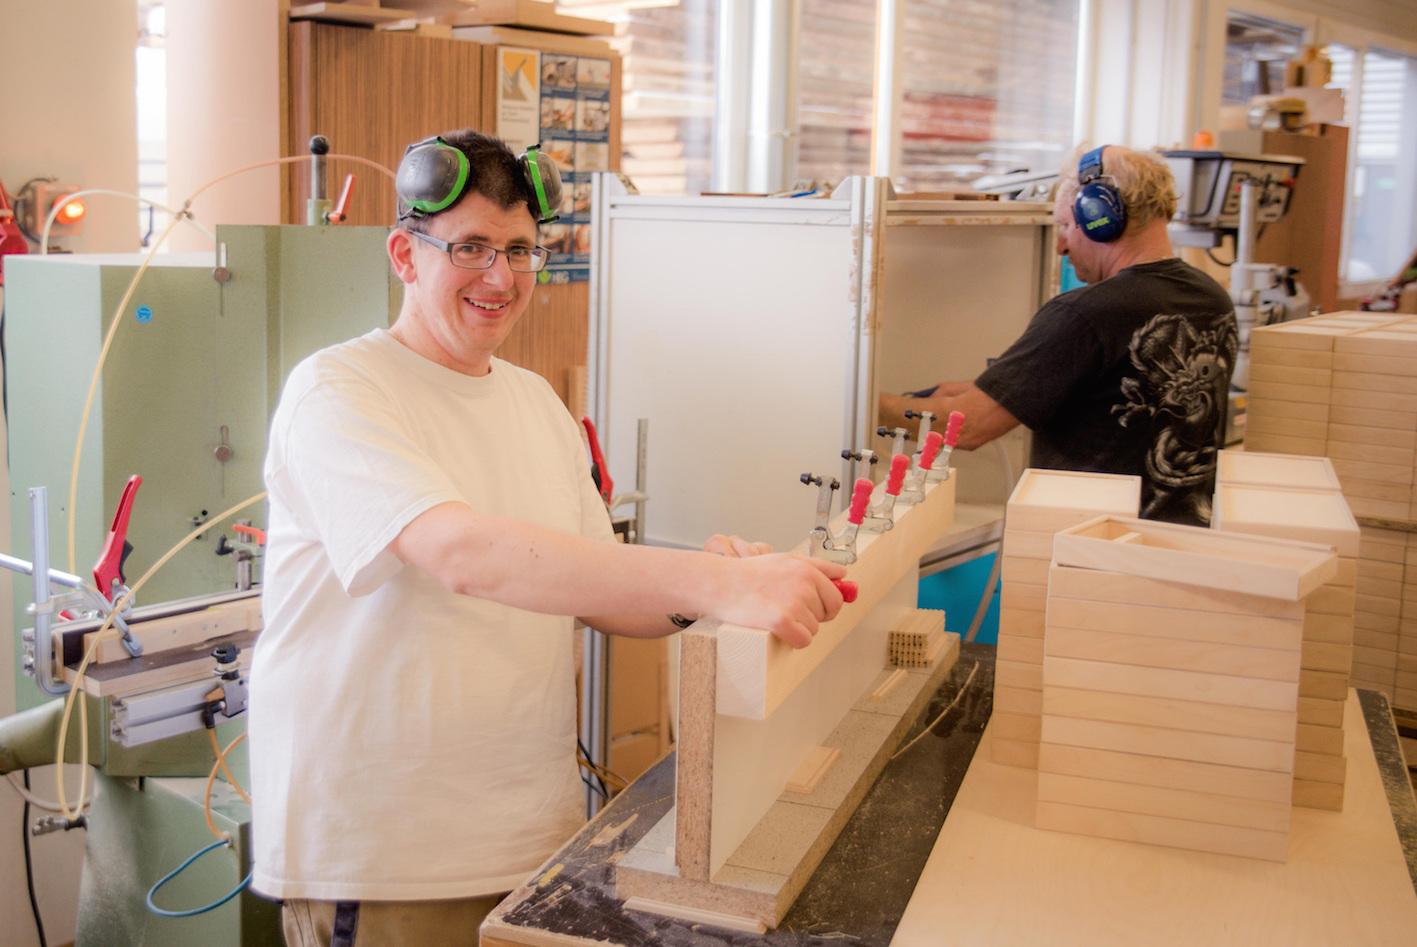 Handarbeit-Fertigung-Holzbox-de-Deutschland-Menschen-mit-Behinderung-01